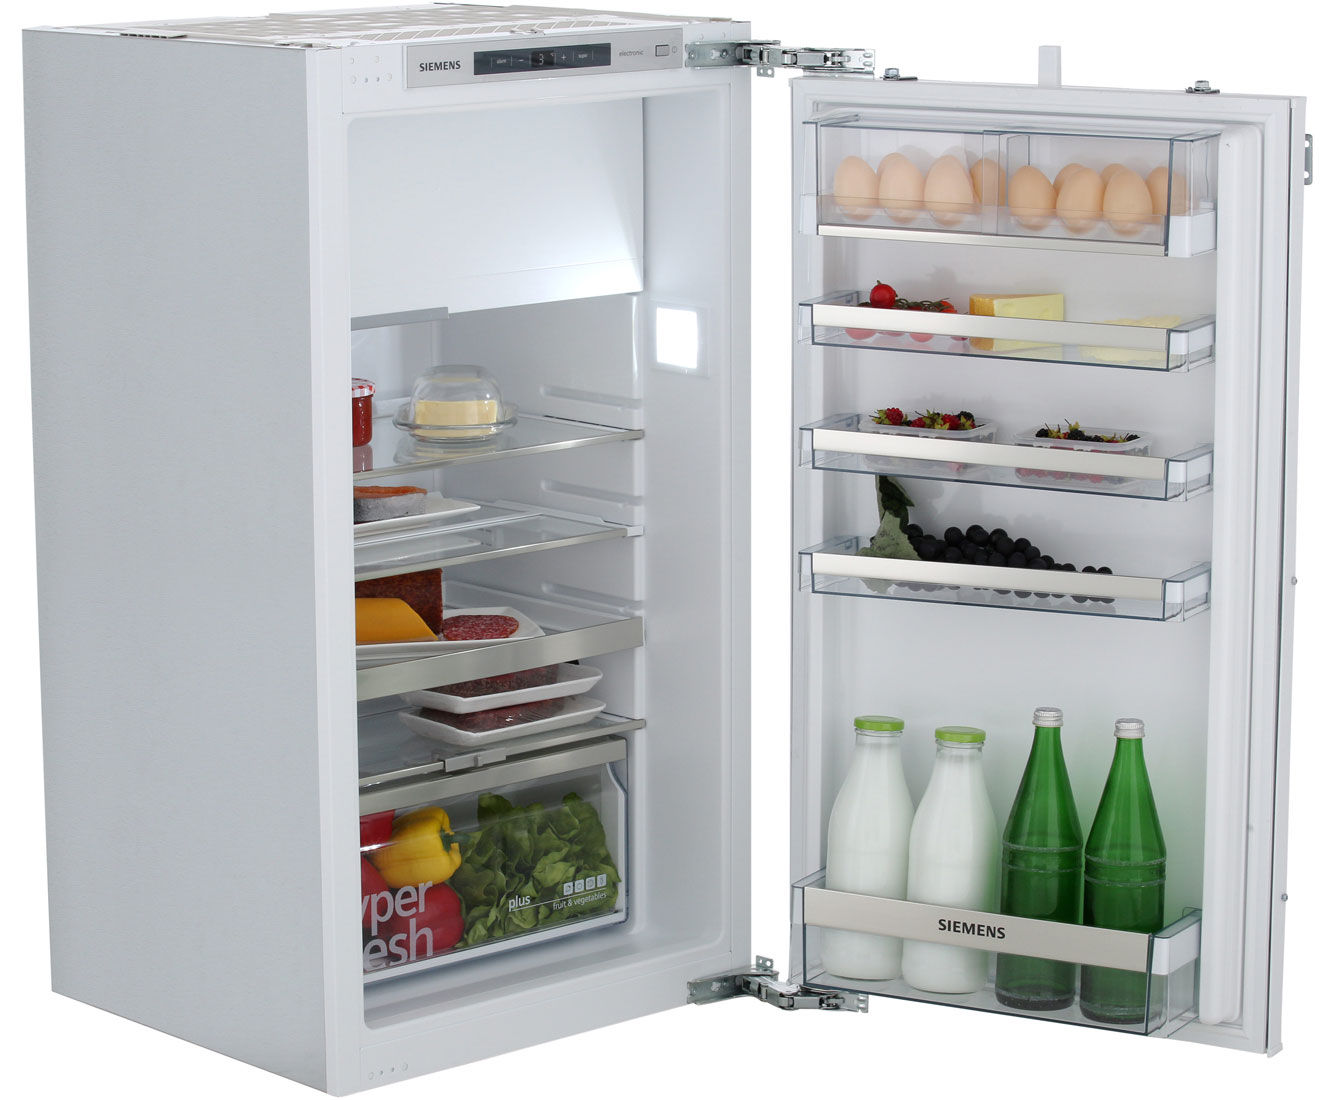 Minibar Kühlschrank Einbau : Häfele minibar kühlschrank schwarz getränkekühlschrank hotel